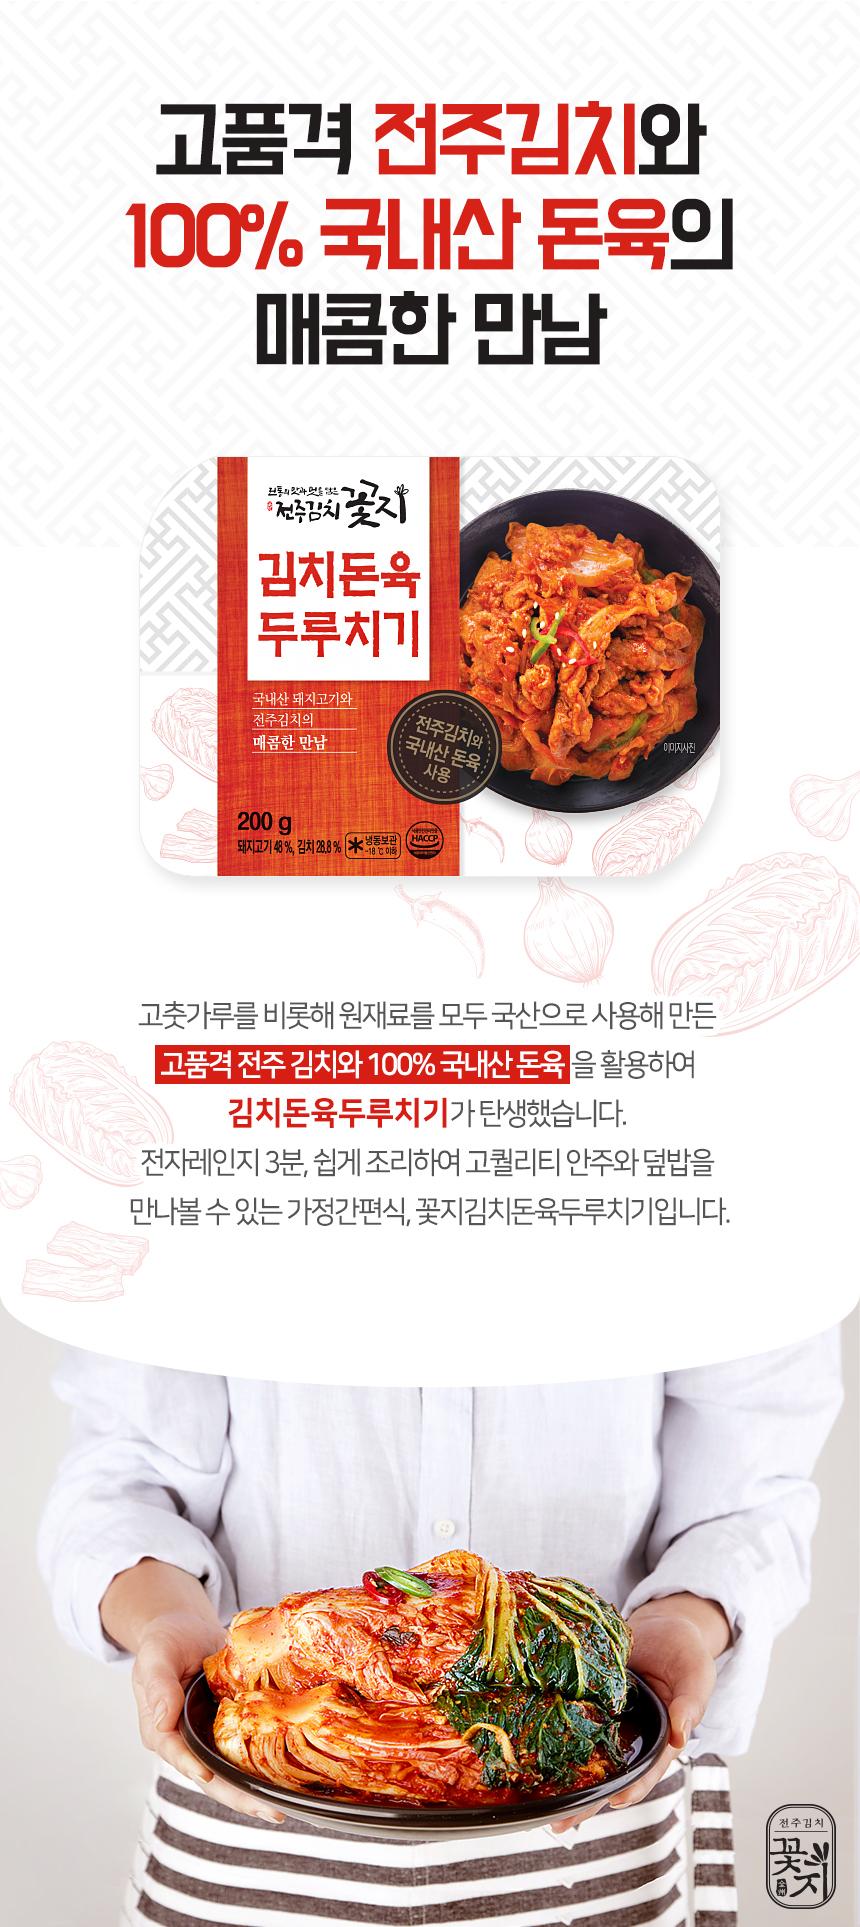 김치돈육두루치기_최종_02.jpg